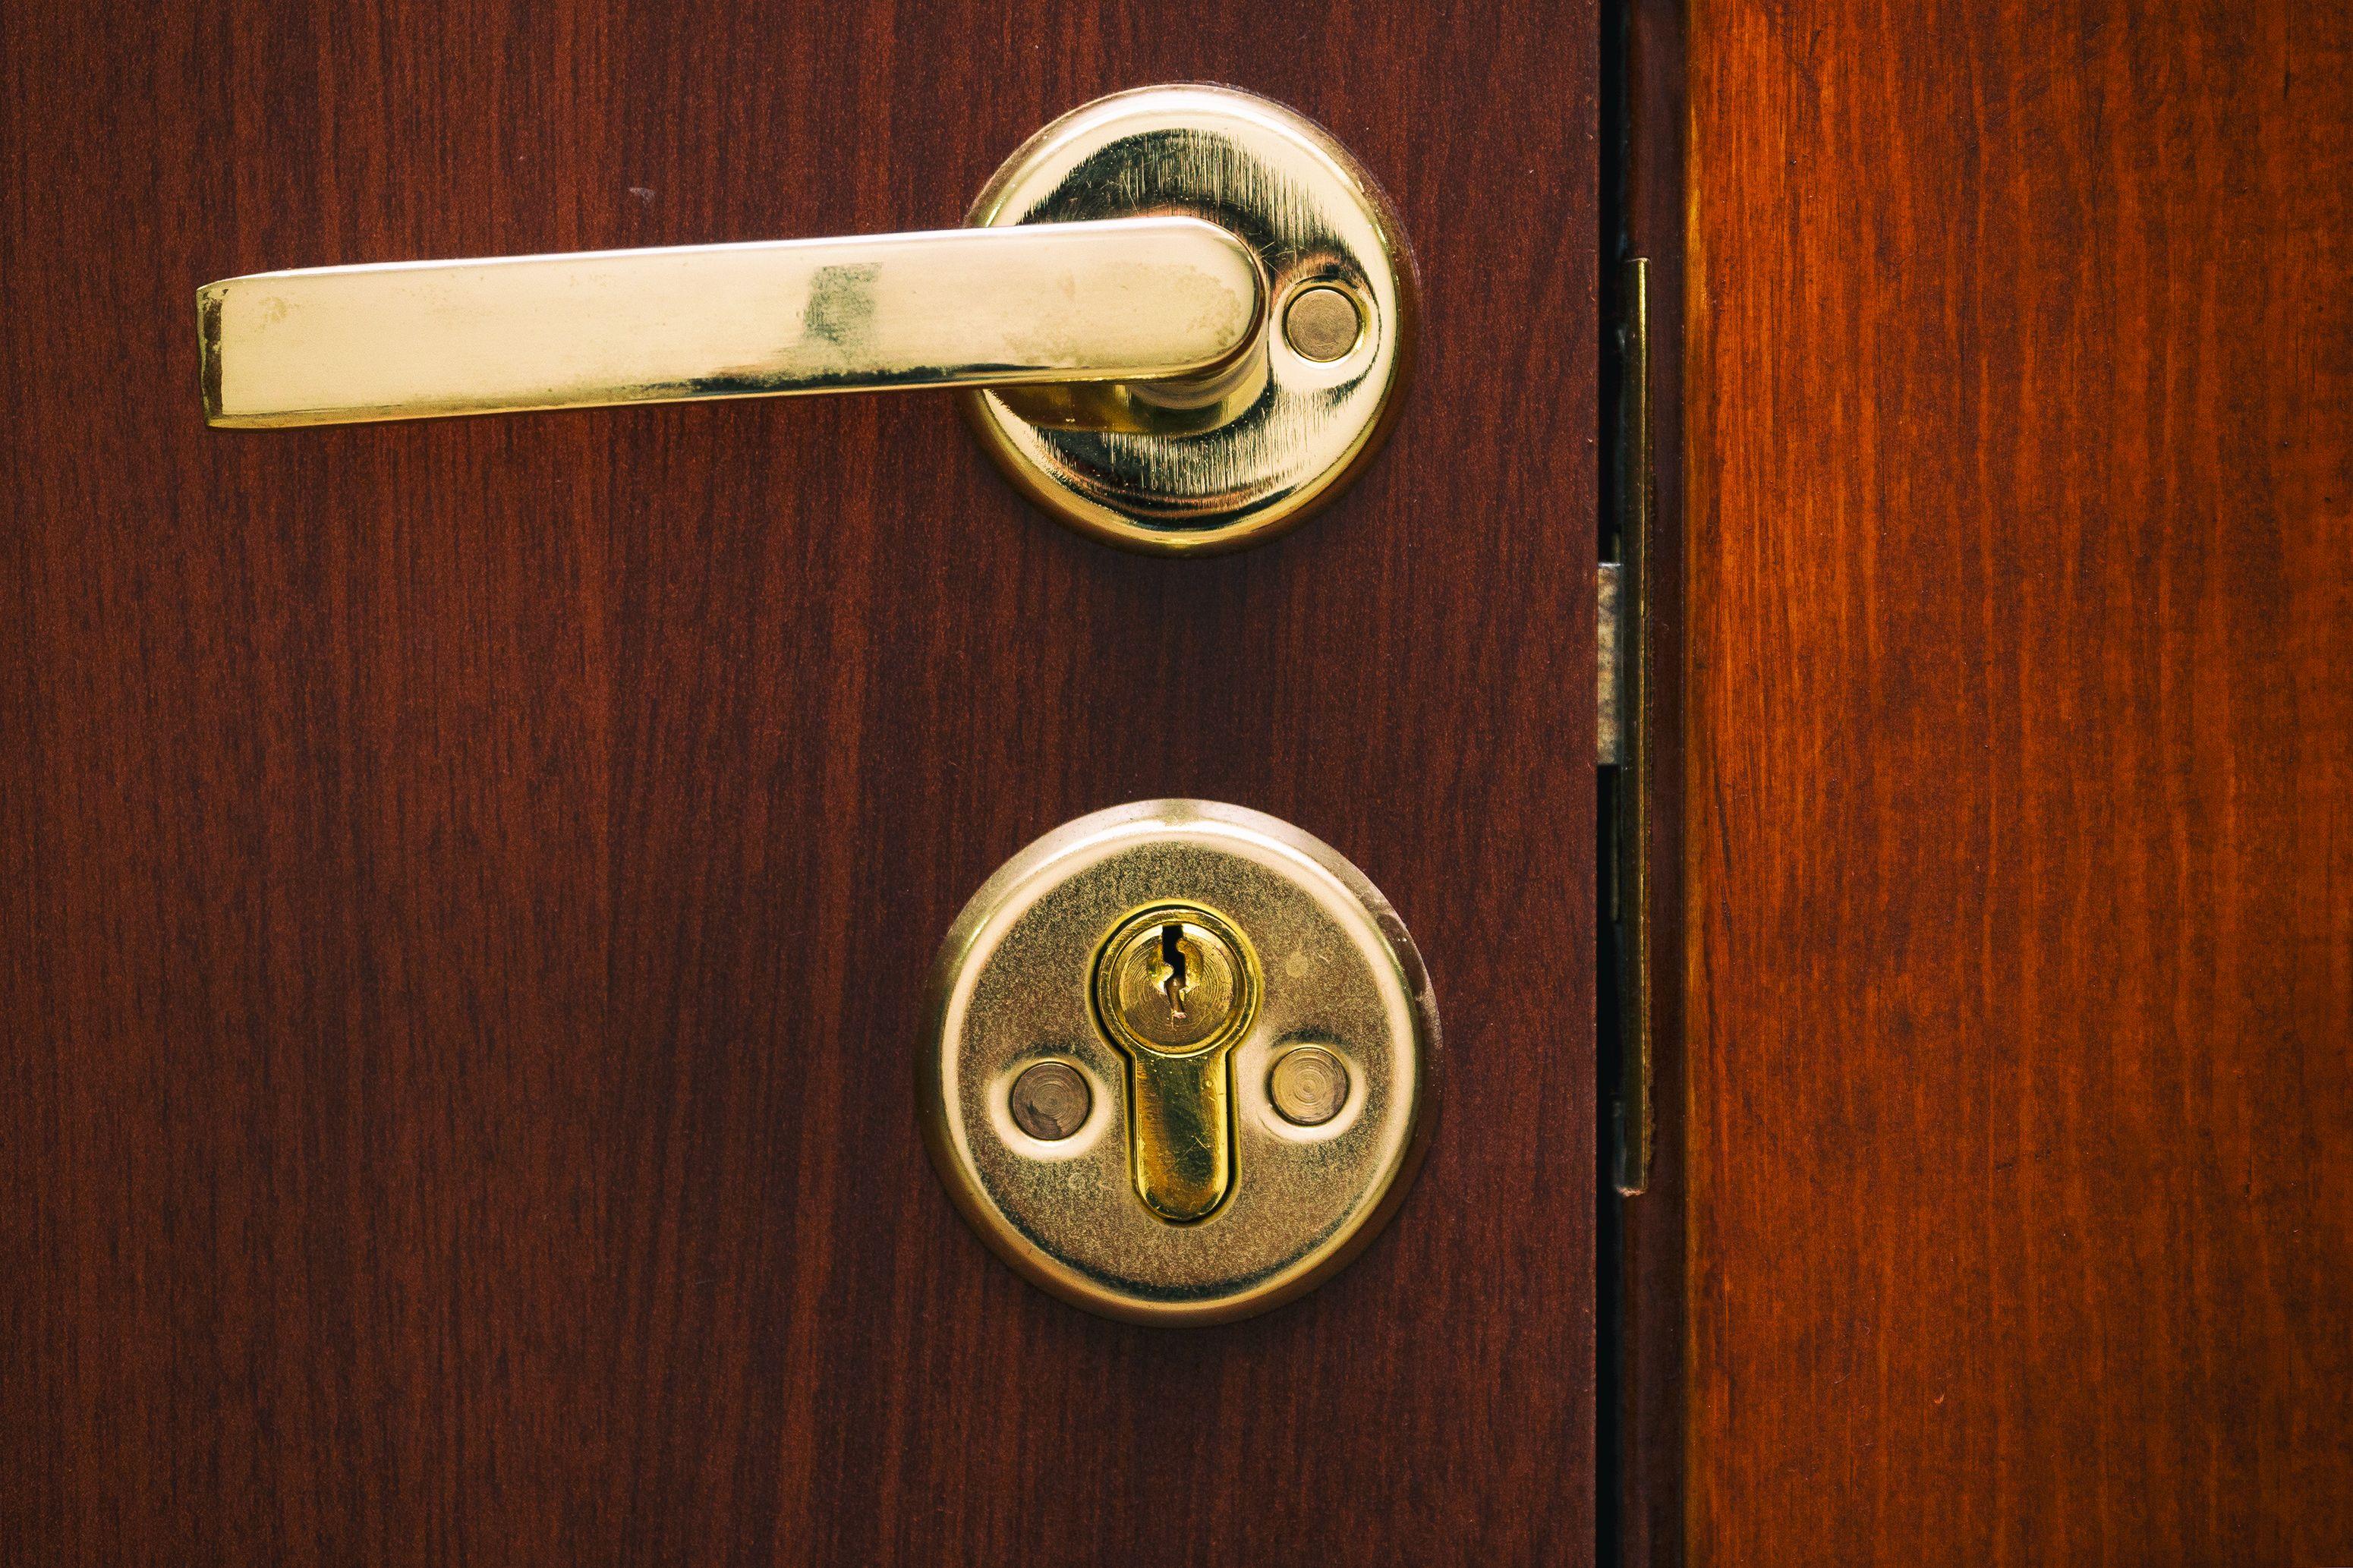 How to open a locked door using a paperclip smart door